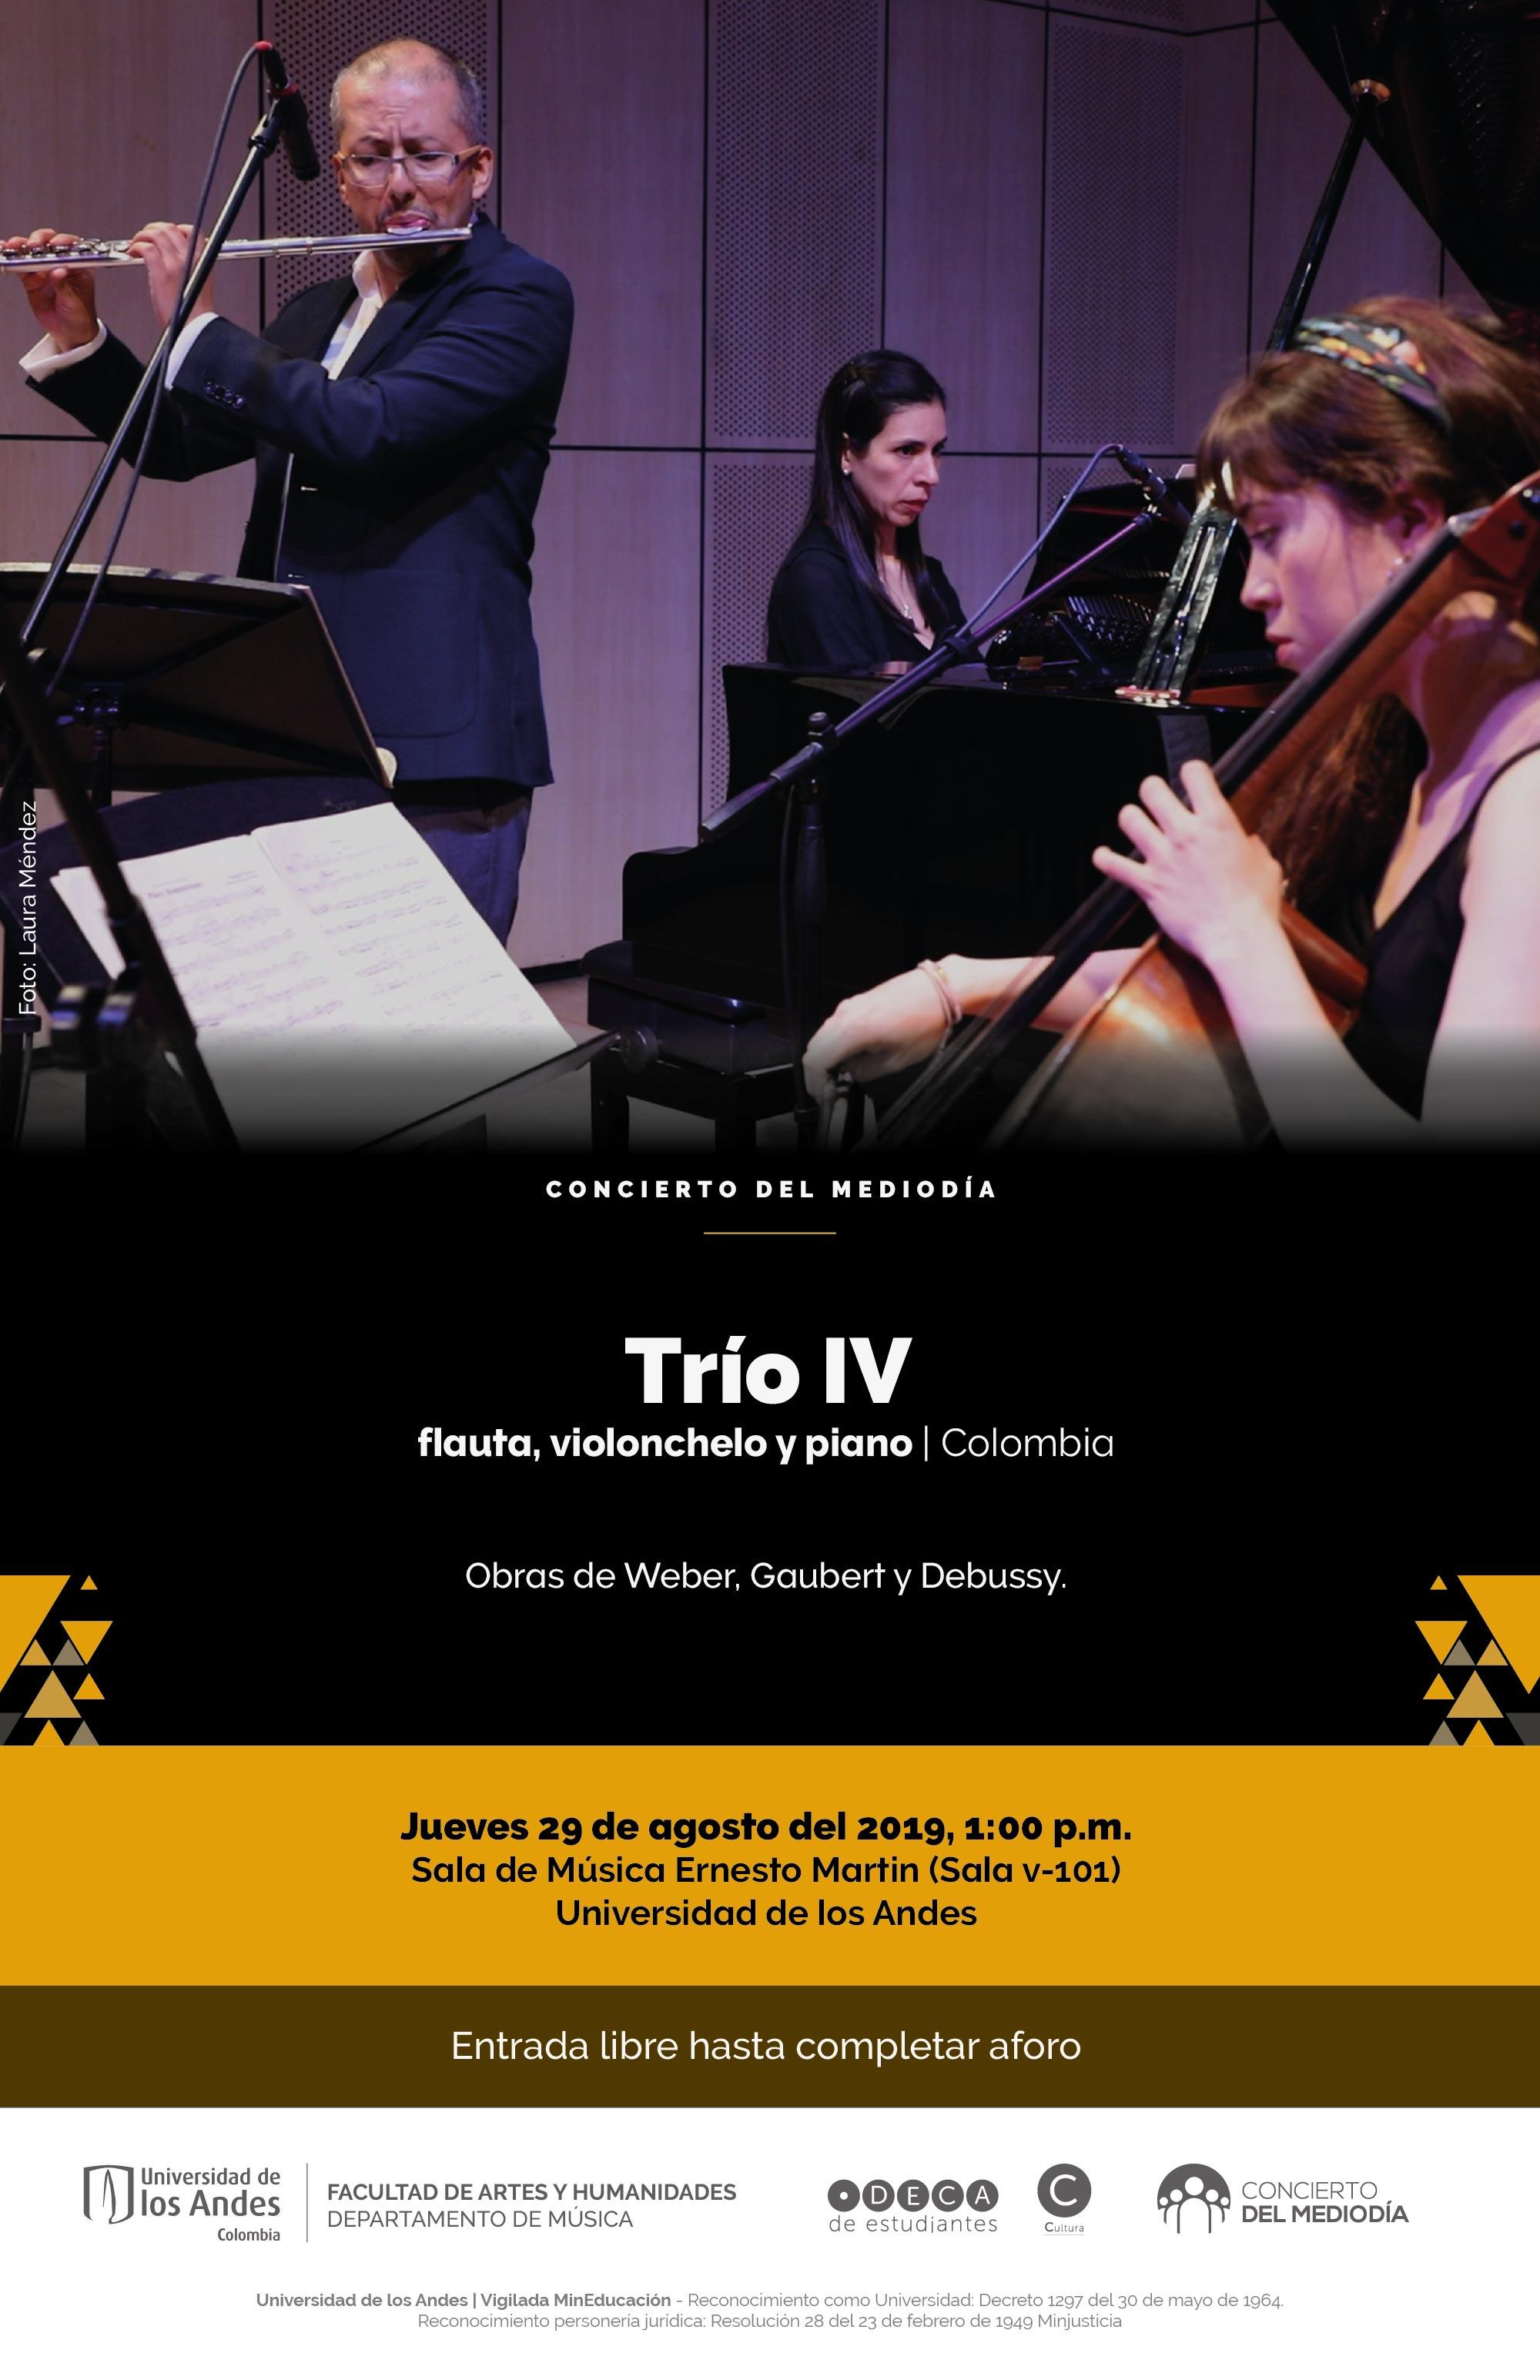 Concierto del Mediodía: Trío IV – flauta, chelo y piano